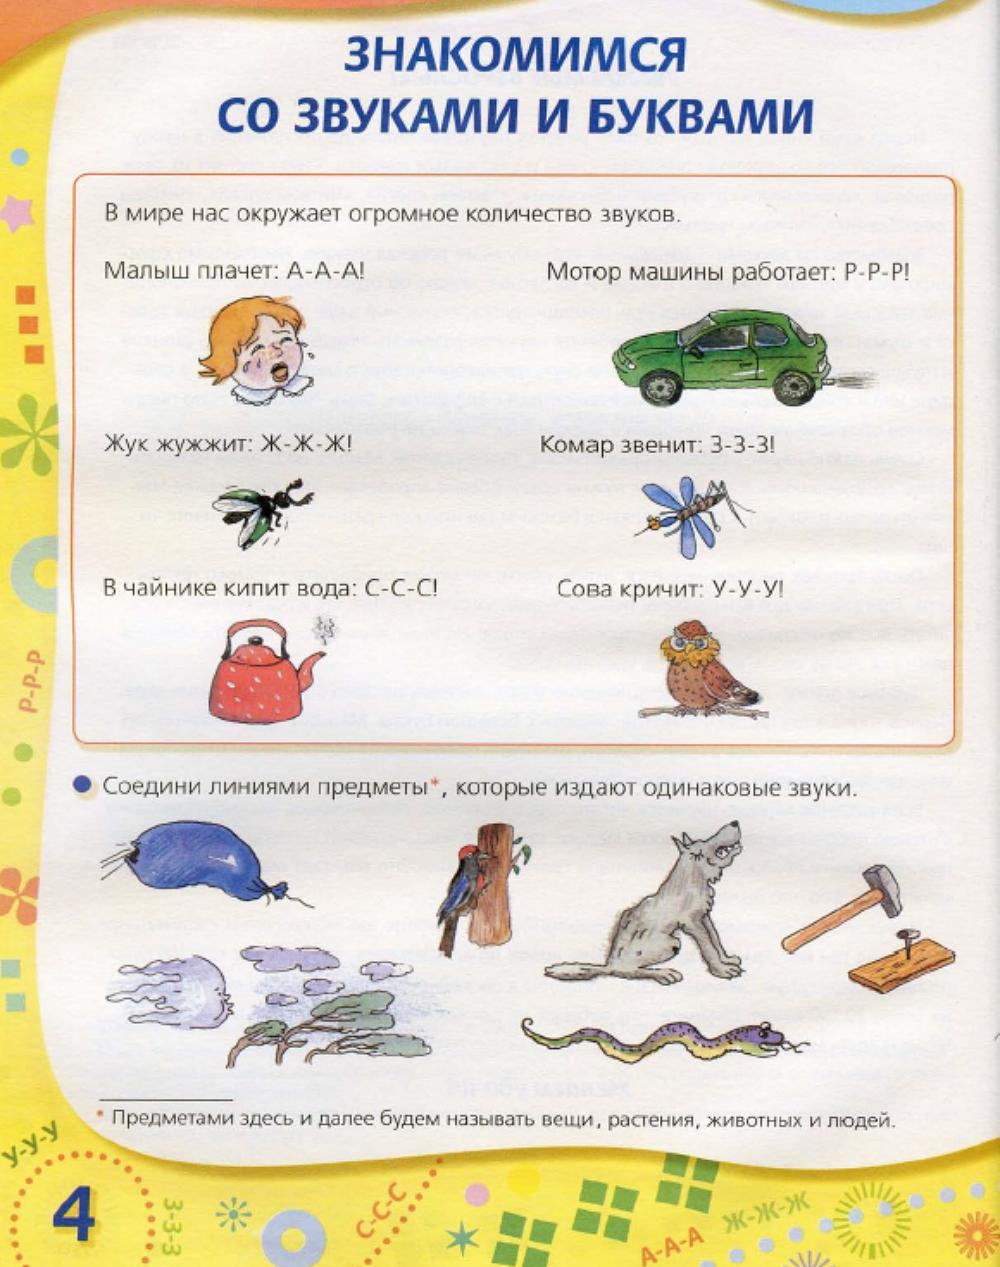 http://i1.imageban.ru/out/2013/08/29/a69030746b39209d70a7124c9c098b15.jpg